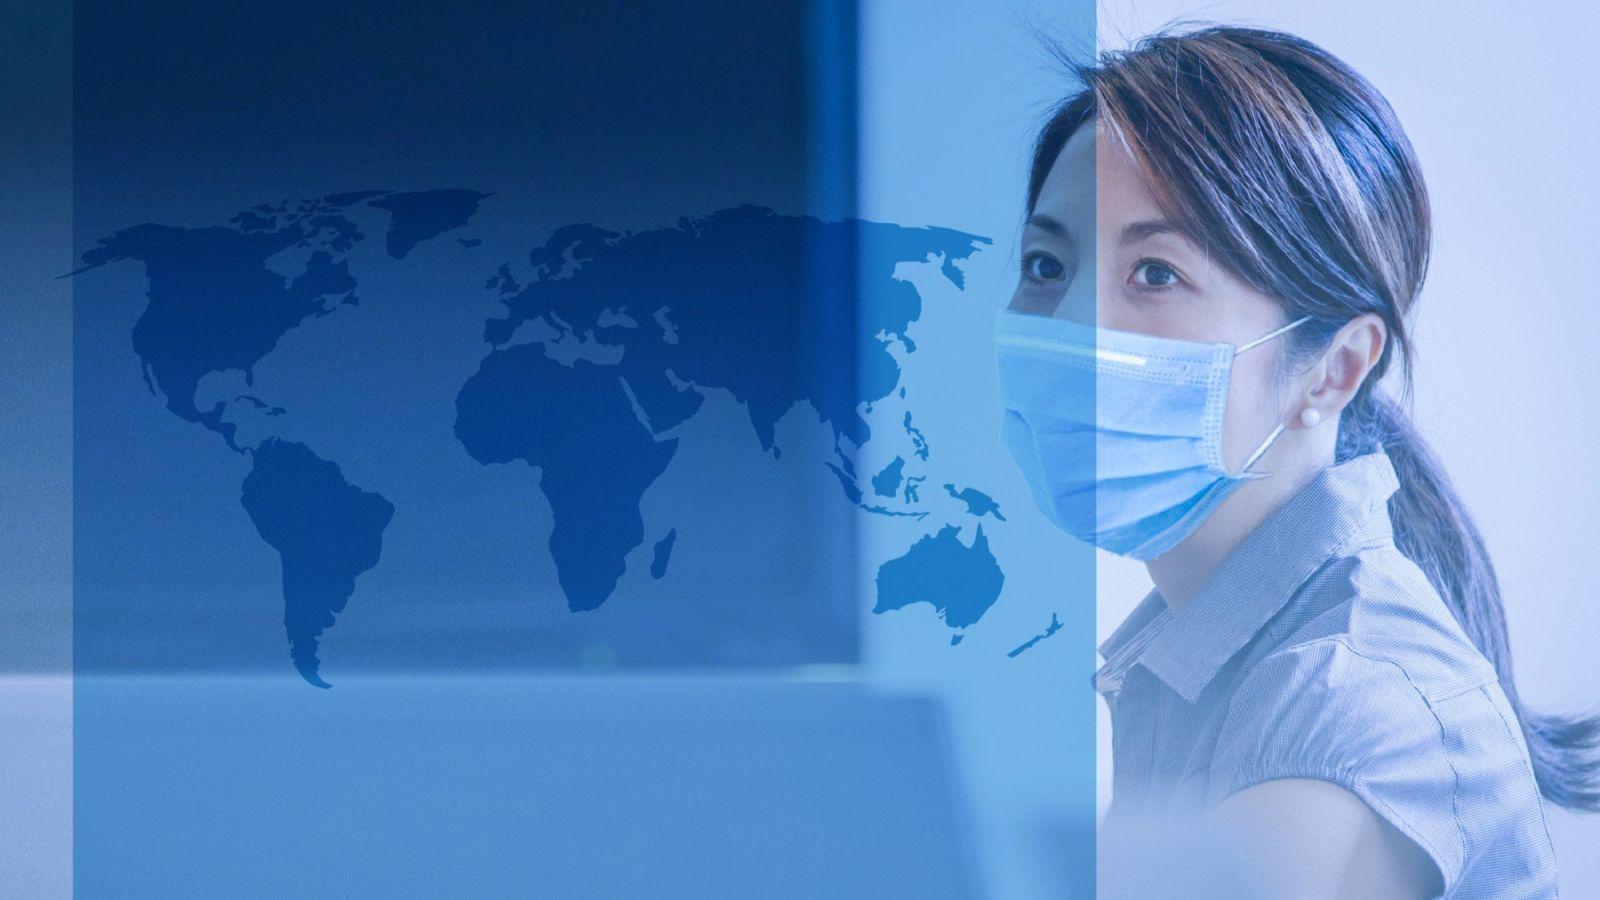 ΠΟΥ: Τα νέα δεδομένα για τη μετάδοση του ιού – Μέσω του αέρα και σε ανοιχτούς χώρους